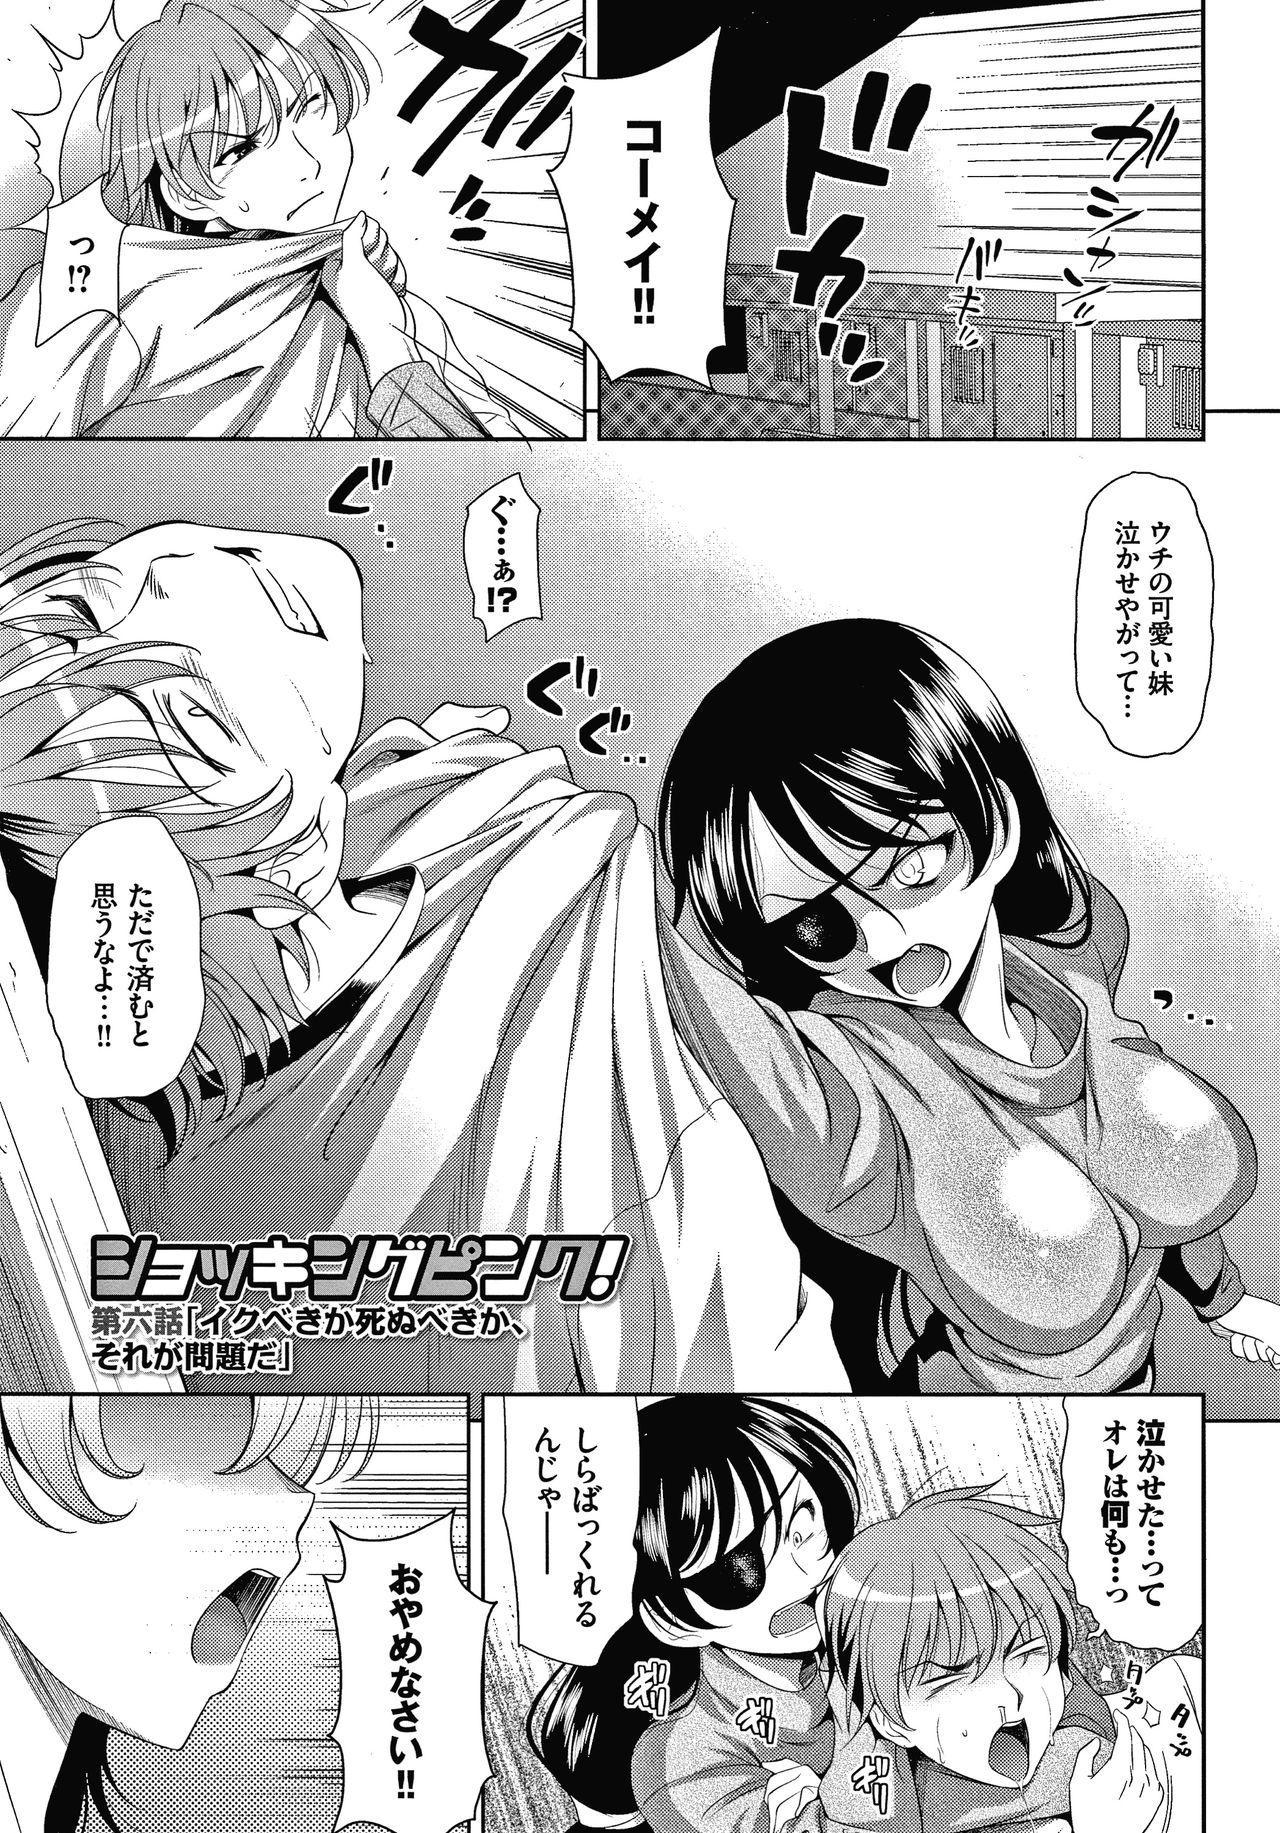 Shocking Pink! Shinsouban 103